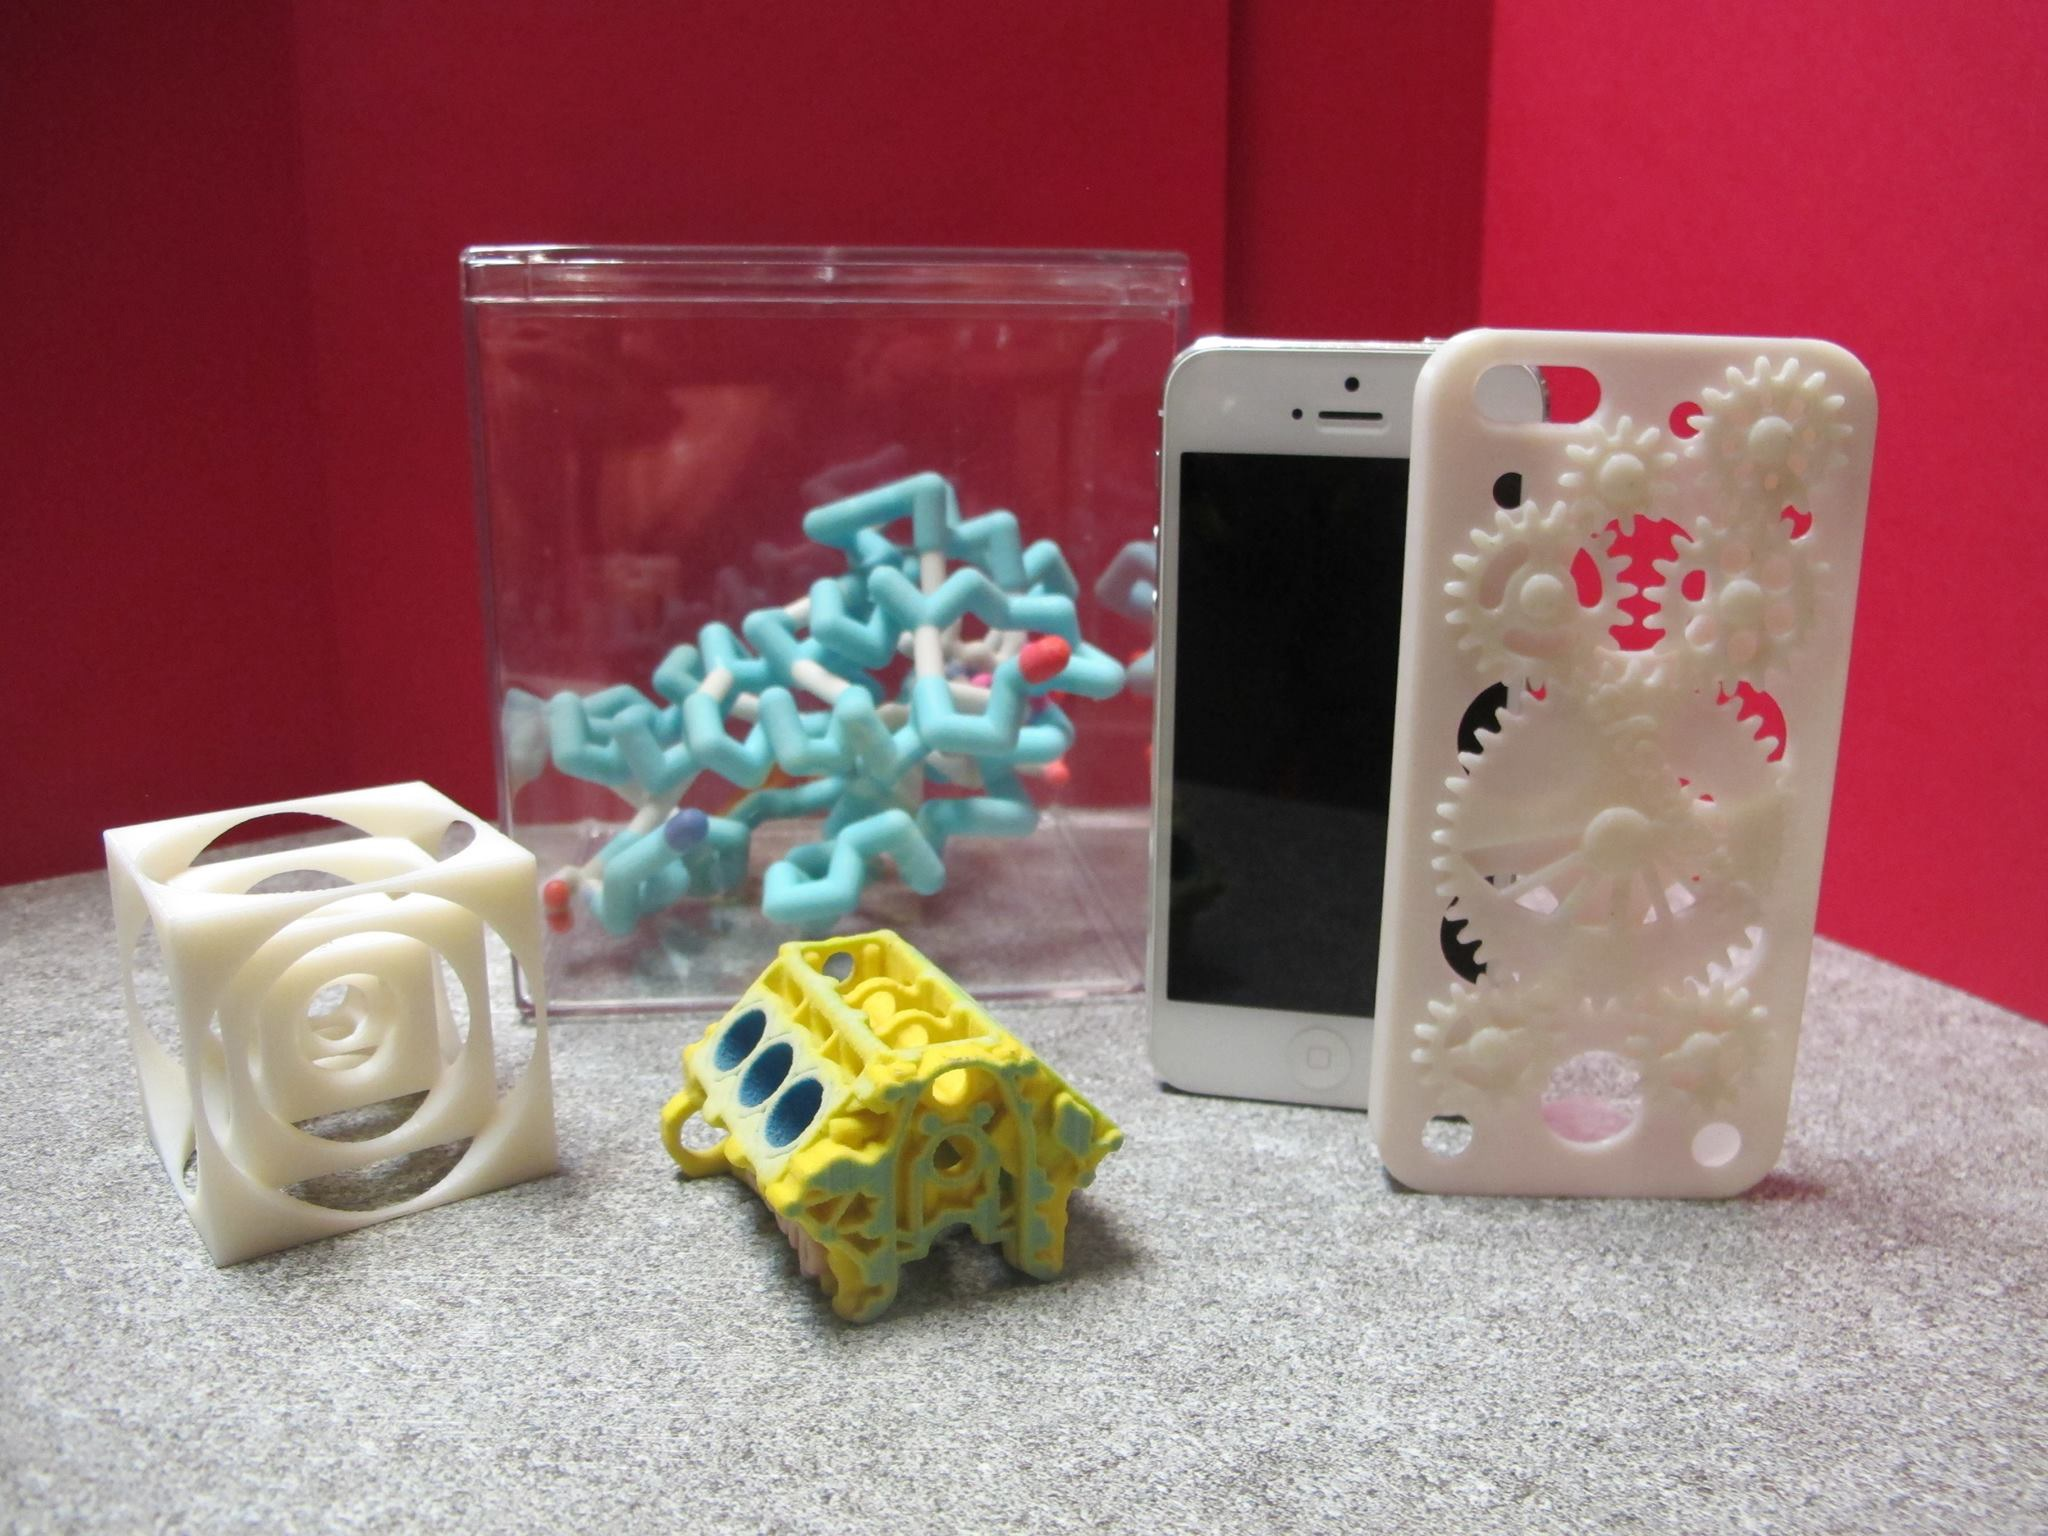 3D stuff